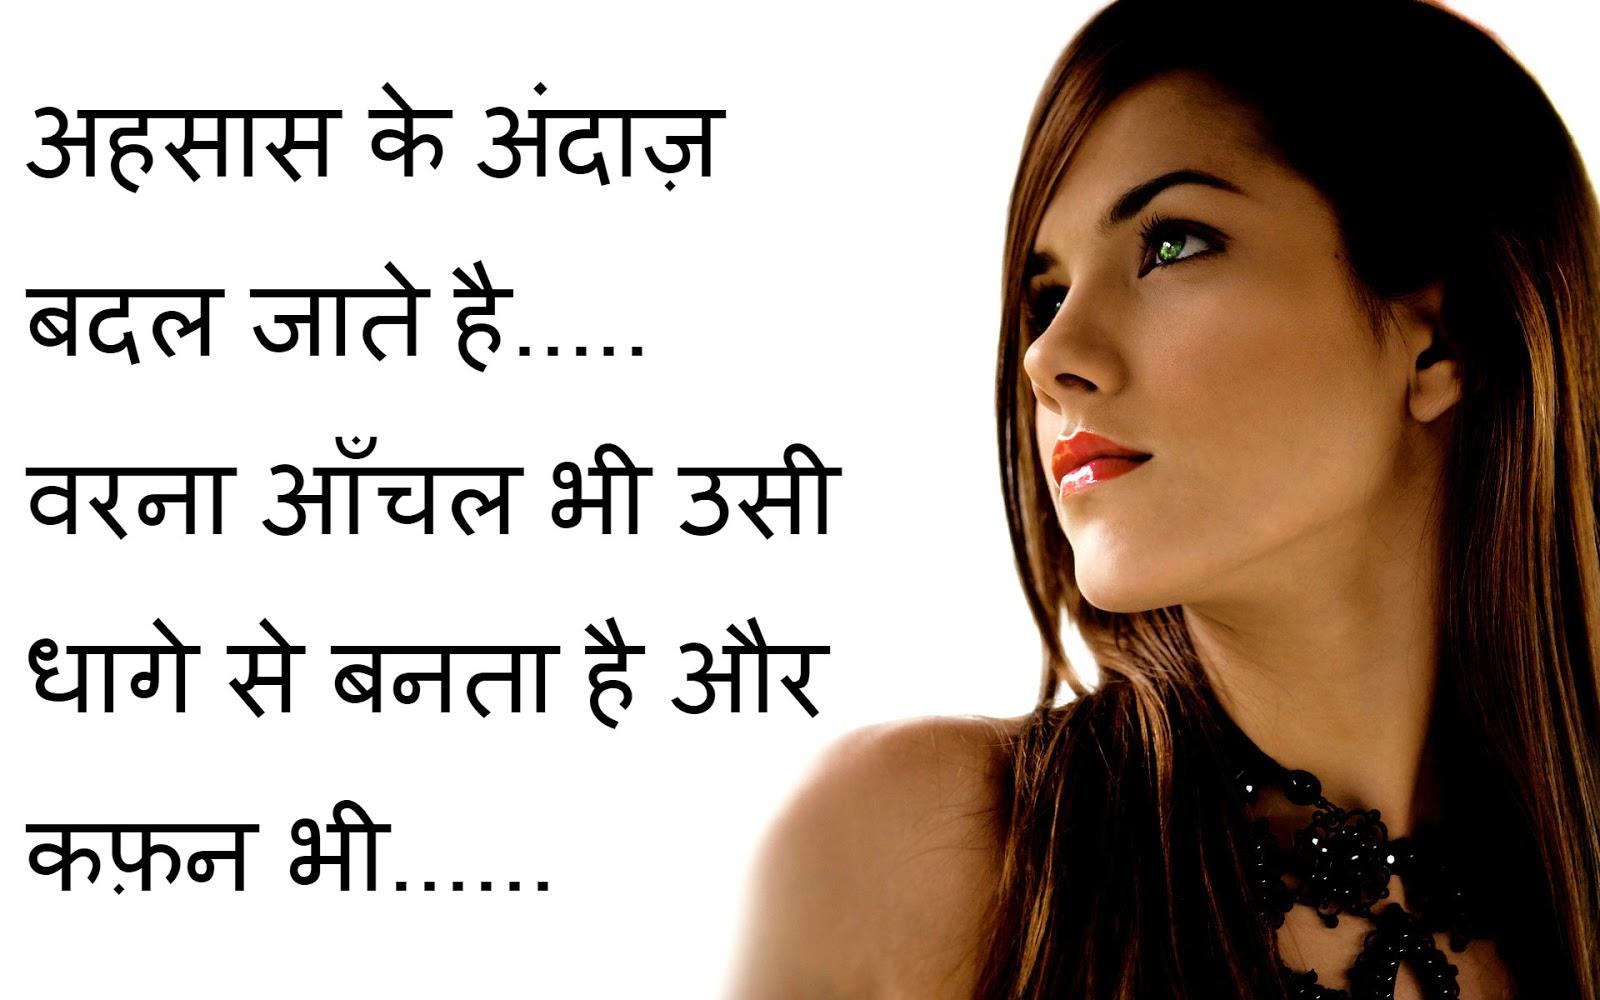 Farewell Shayri In Hindi For Boss | Hindi SMS Shayari